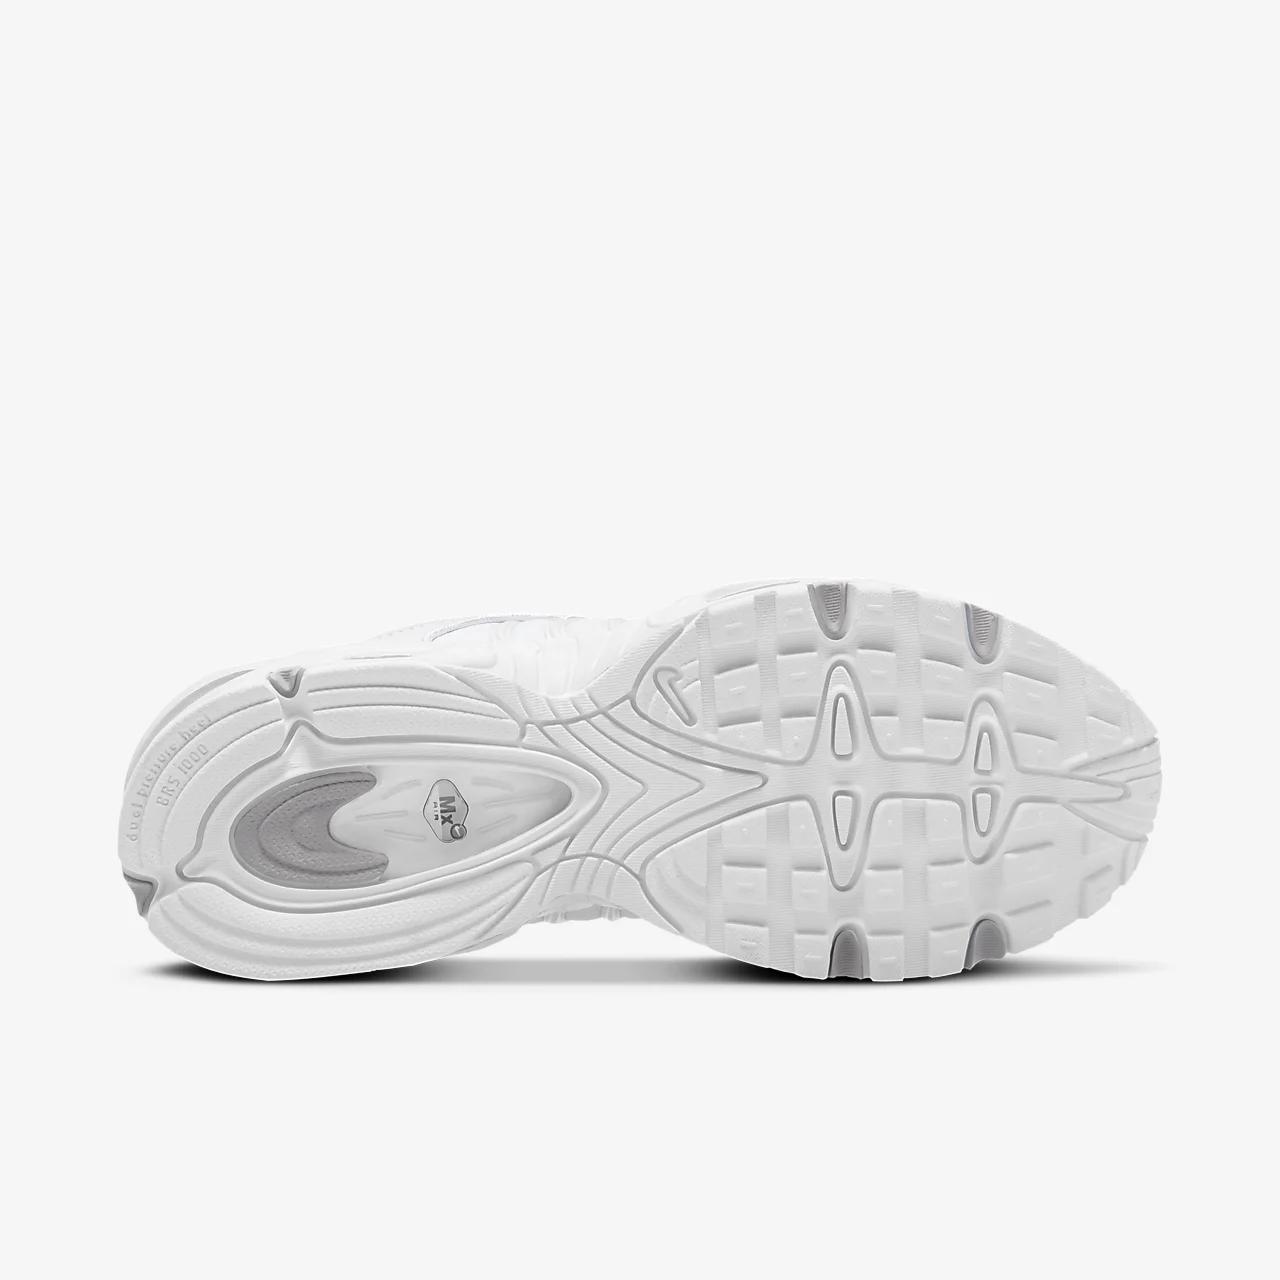 유럽직배송 나이키 NIKE Nike Air Max Tailwind IV Women's Shoe CK2613-103